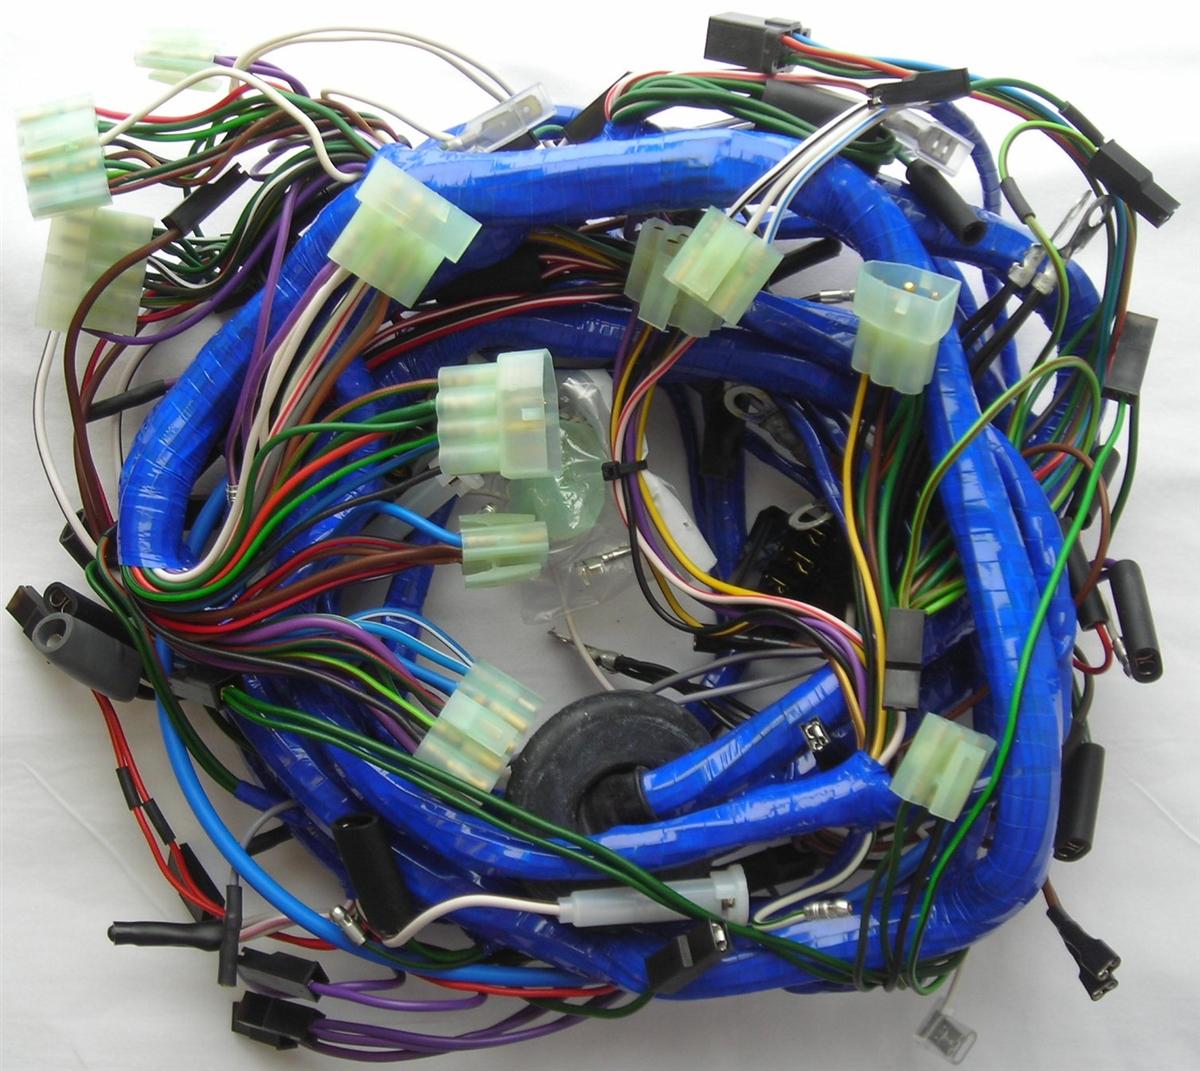 mgb 1976 78 main wiring harness 519 1976 mgb wiring harness 1976 mgb wiring harness [ 1200 x 1071 Pixel ]